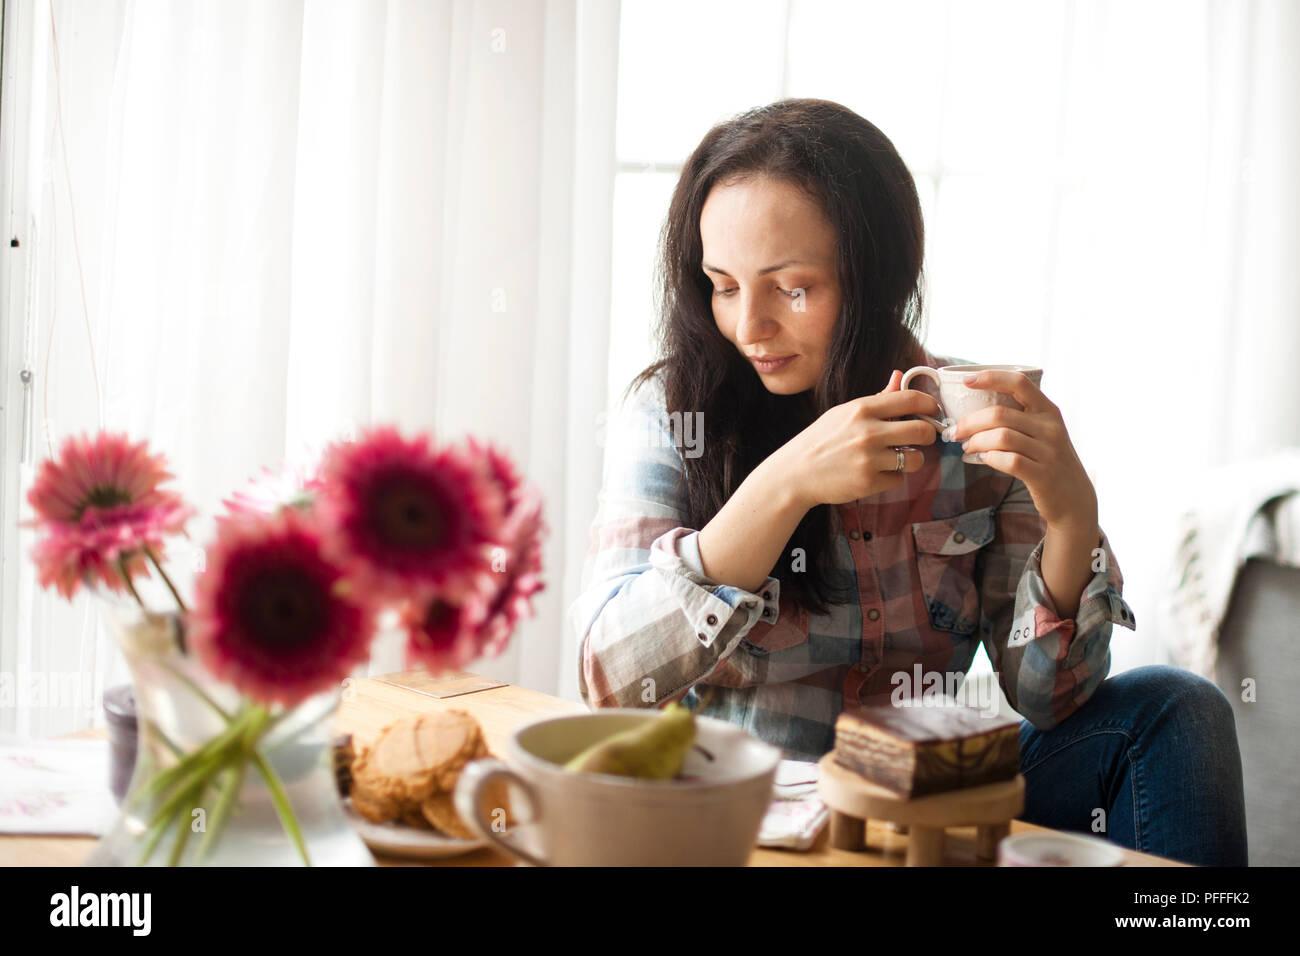 Frau mit einer Tasse Kaffee, einem guten Morgen zu Hause. Frühstück und duftenden Kaffee. Die Einrichtung ist gemütlich und die Blumen. Freier Platz für Text. Stockbild